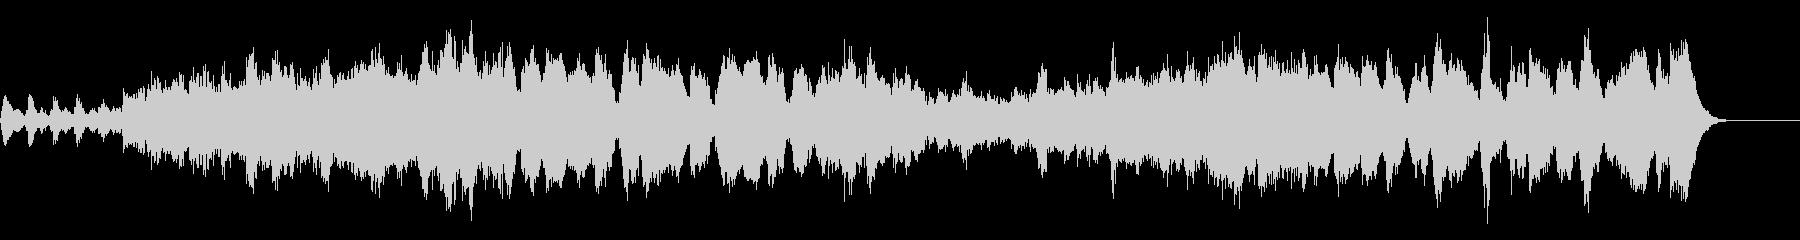 チャイコフスキーの明るく軽快な曲27秒の未再生の波形